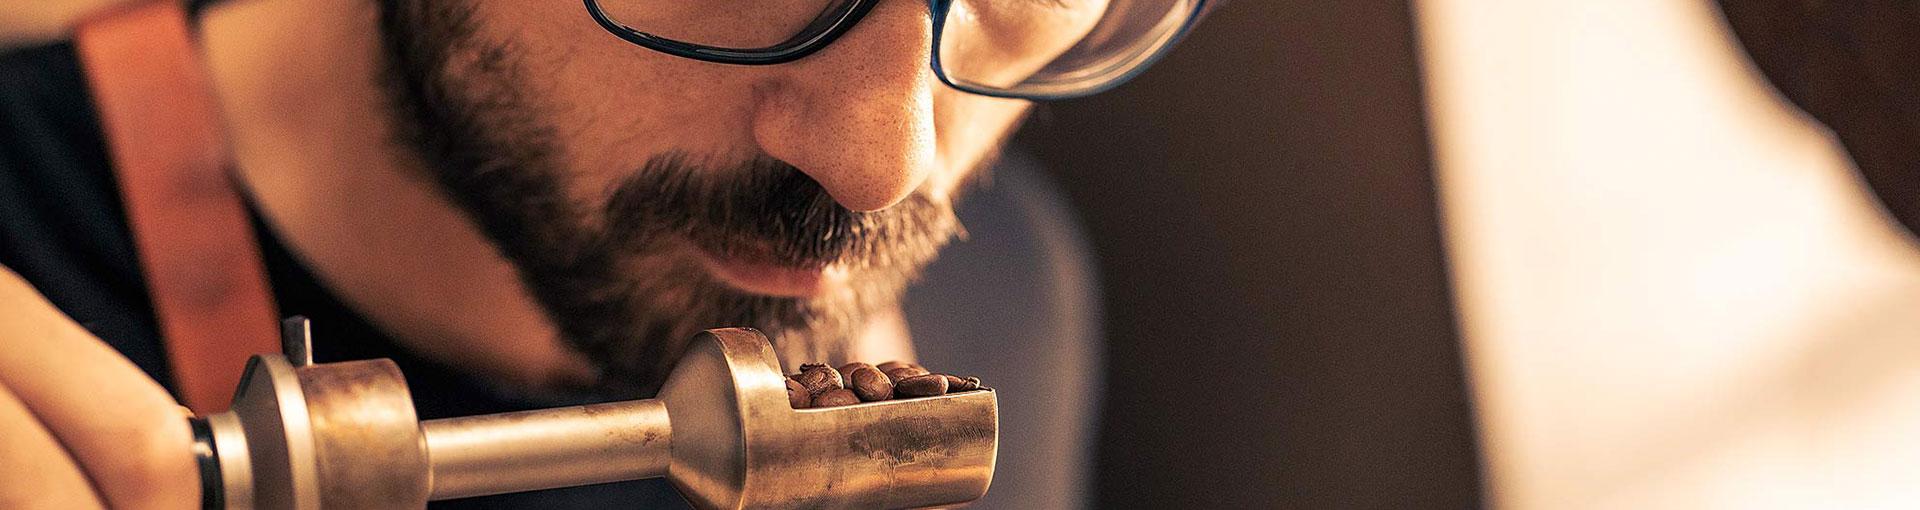 Съоражение на кафе Димело 4